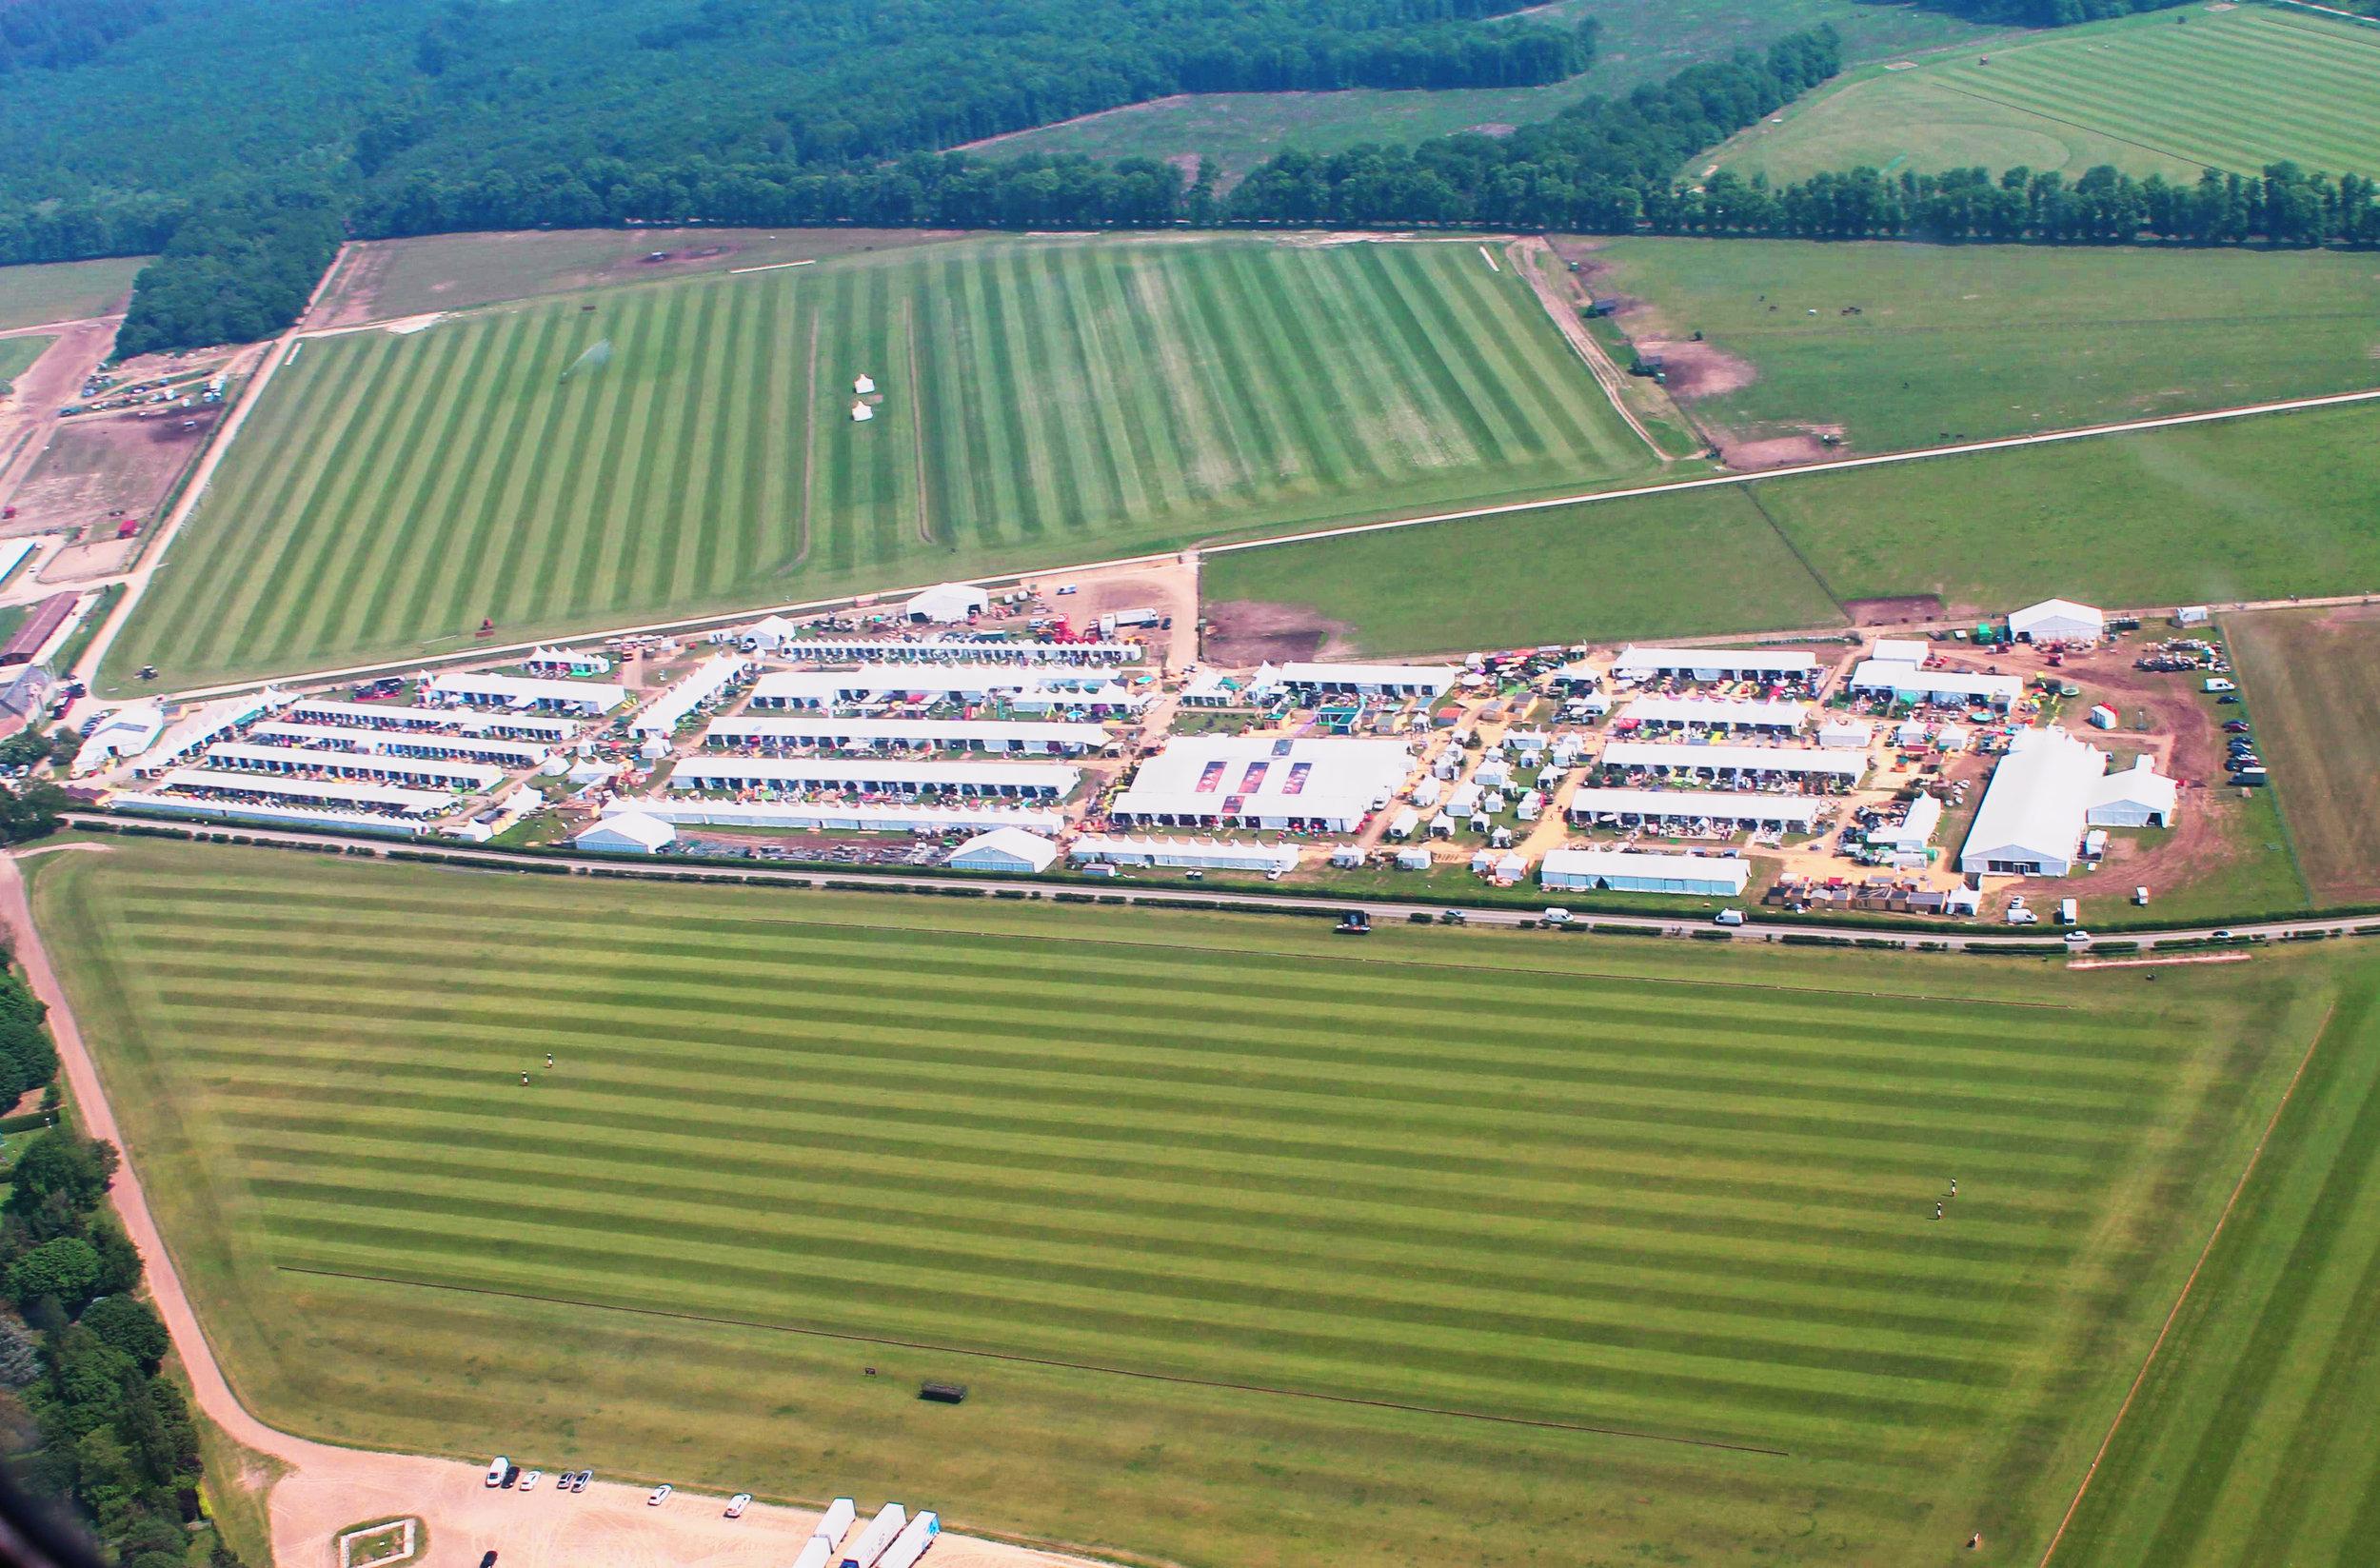 Vue aérienne sur les terrains de polo du Polo Club du Domaine de Chantilly  Aerial view on the polo fields of Chantilly Polo Club